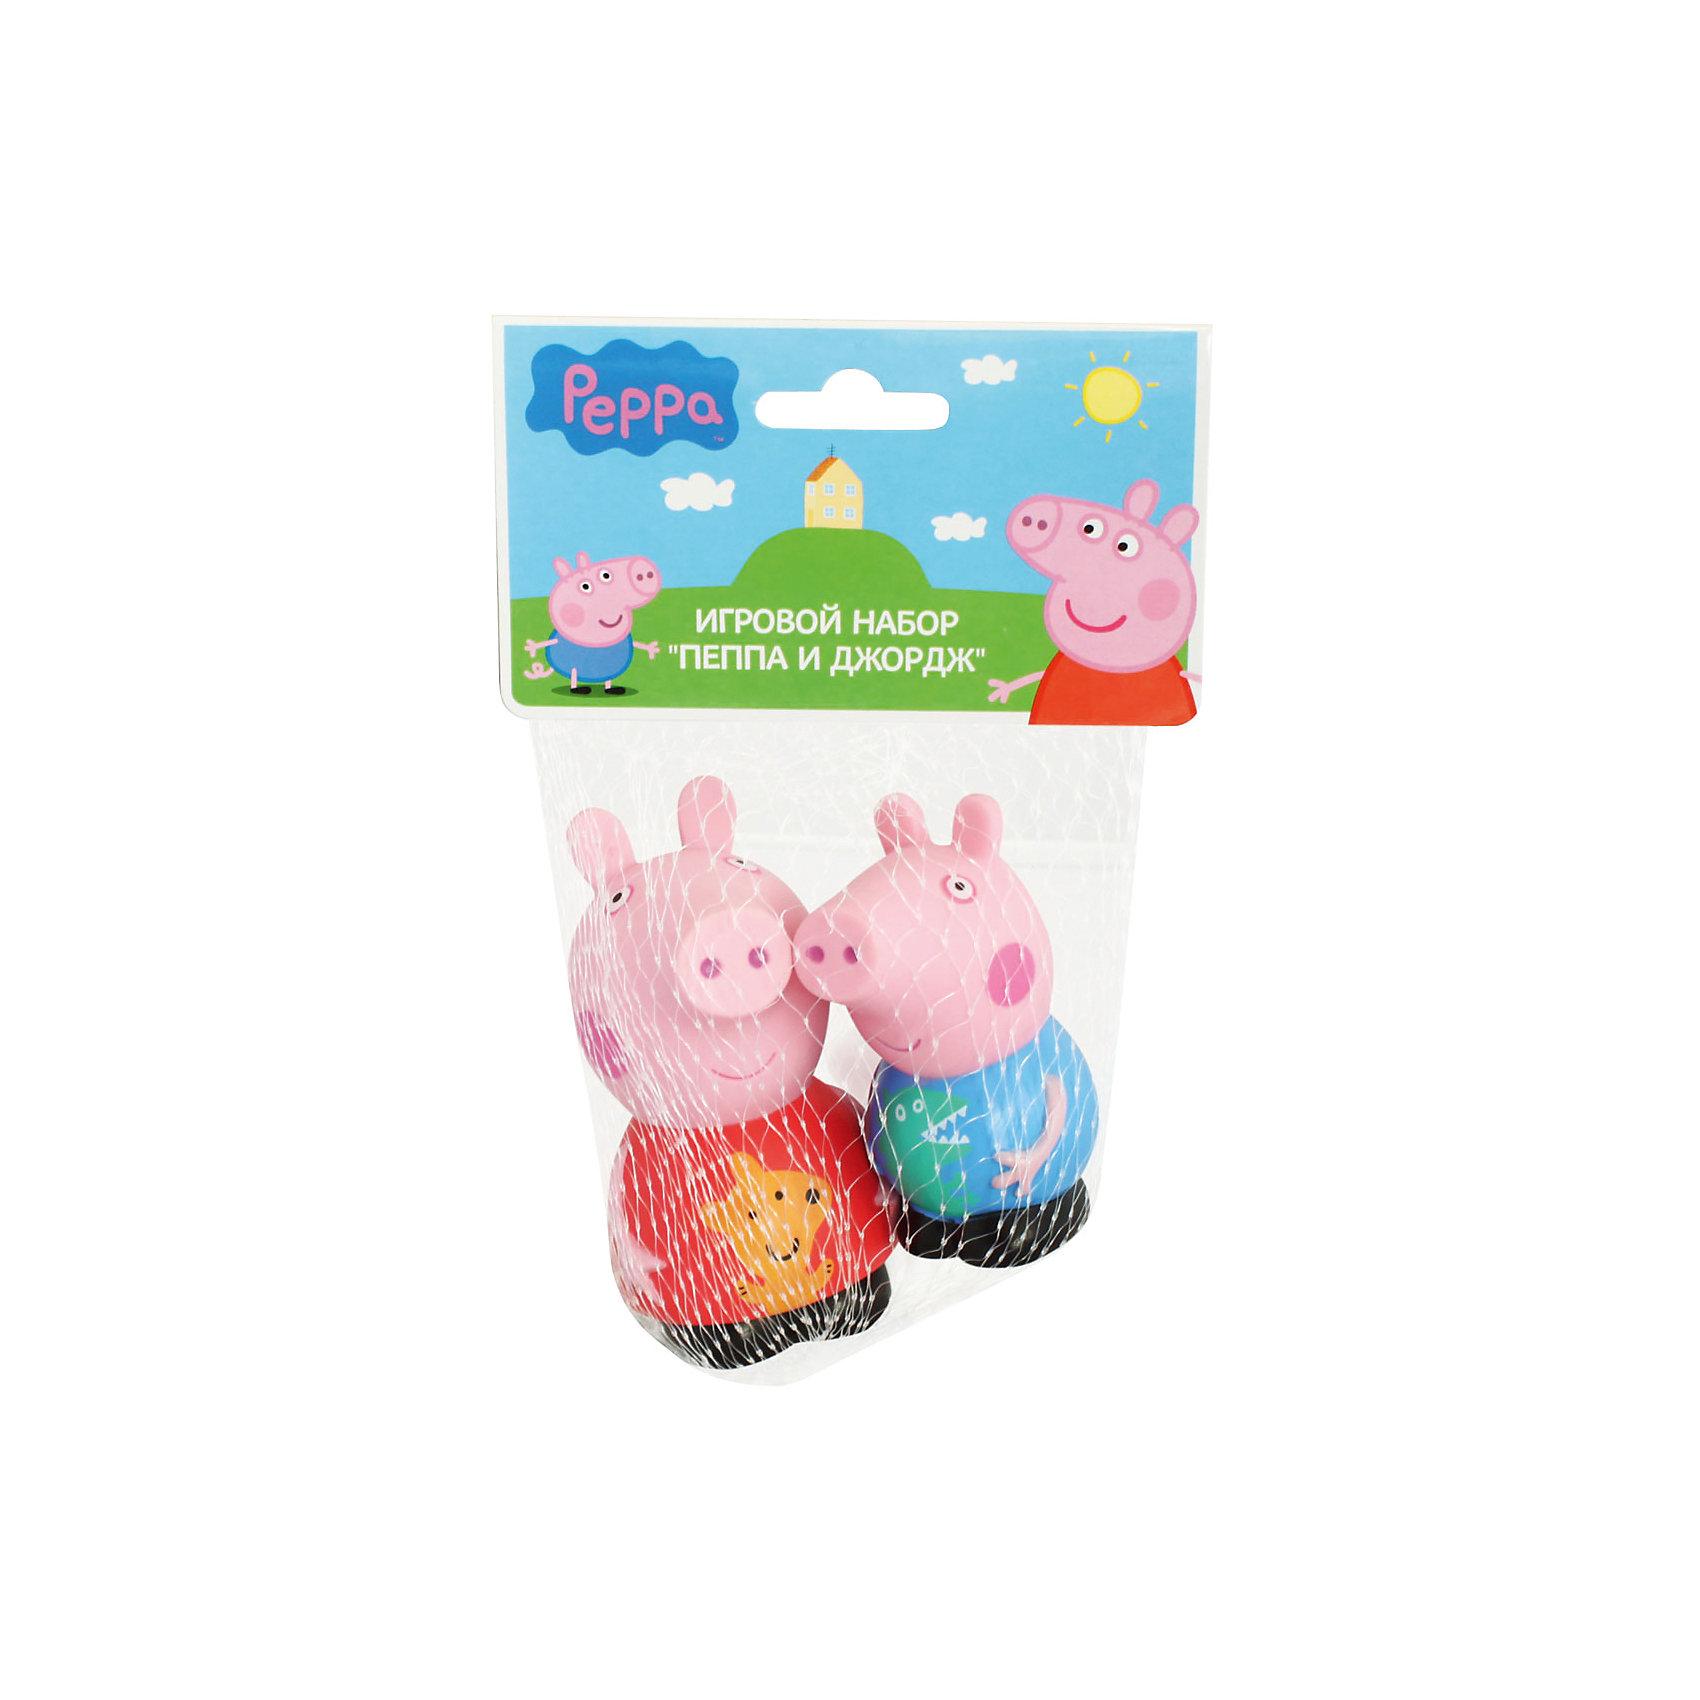 Игровой набор  Пеппа и Джордж 10 см, Свинка ПеппаСвинка Пеппа<br>Пеппа и Джордж – это герои веселого мультфильма «Свинка Пеппа» (Peppa Pig). С их резиновыми фигурками малыш может увлеченно играть и дома, и на улице, и даже в ванне. Их яркая окраска улучшает цветовосприятие малютки, а приятная на ощупь поверхность развивает тактильные ощущения. И, конечно, игра с этими забавными игрушками отлично развивает фантазию малыша. <br><br>Дополнительная информация:<br><br>Игрушки выполнены из пластизоля и имеют высоту 10 см. <br><br>Игровой набор  Пеппа и Джордж 10 см, Свинка Пеппа (Peppa Pig)можно купить в нашем магазине.<br><br>Ширина мм: 90<br>Глубина мм: 50<br>Высота мм: 100<br>Вес г: 78<br>Возраст от месяцев: 36<br>Возраст до месяцев: 2147483647<br>Пол: Унисекс<br>Возраст: Детский<br>SKU: 4102298